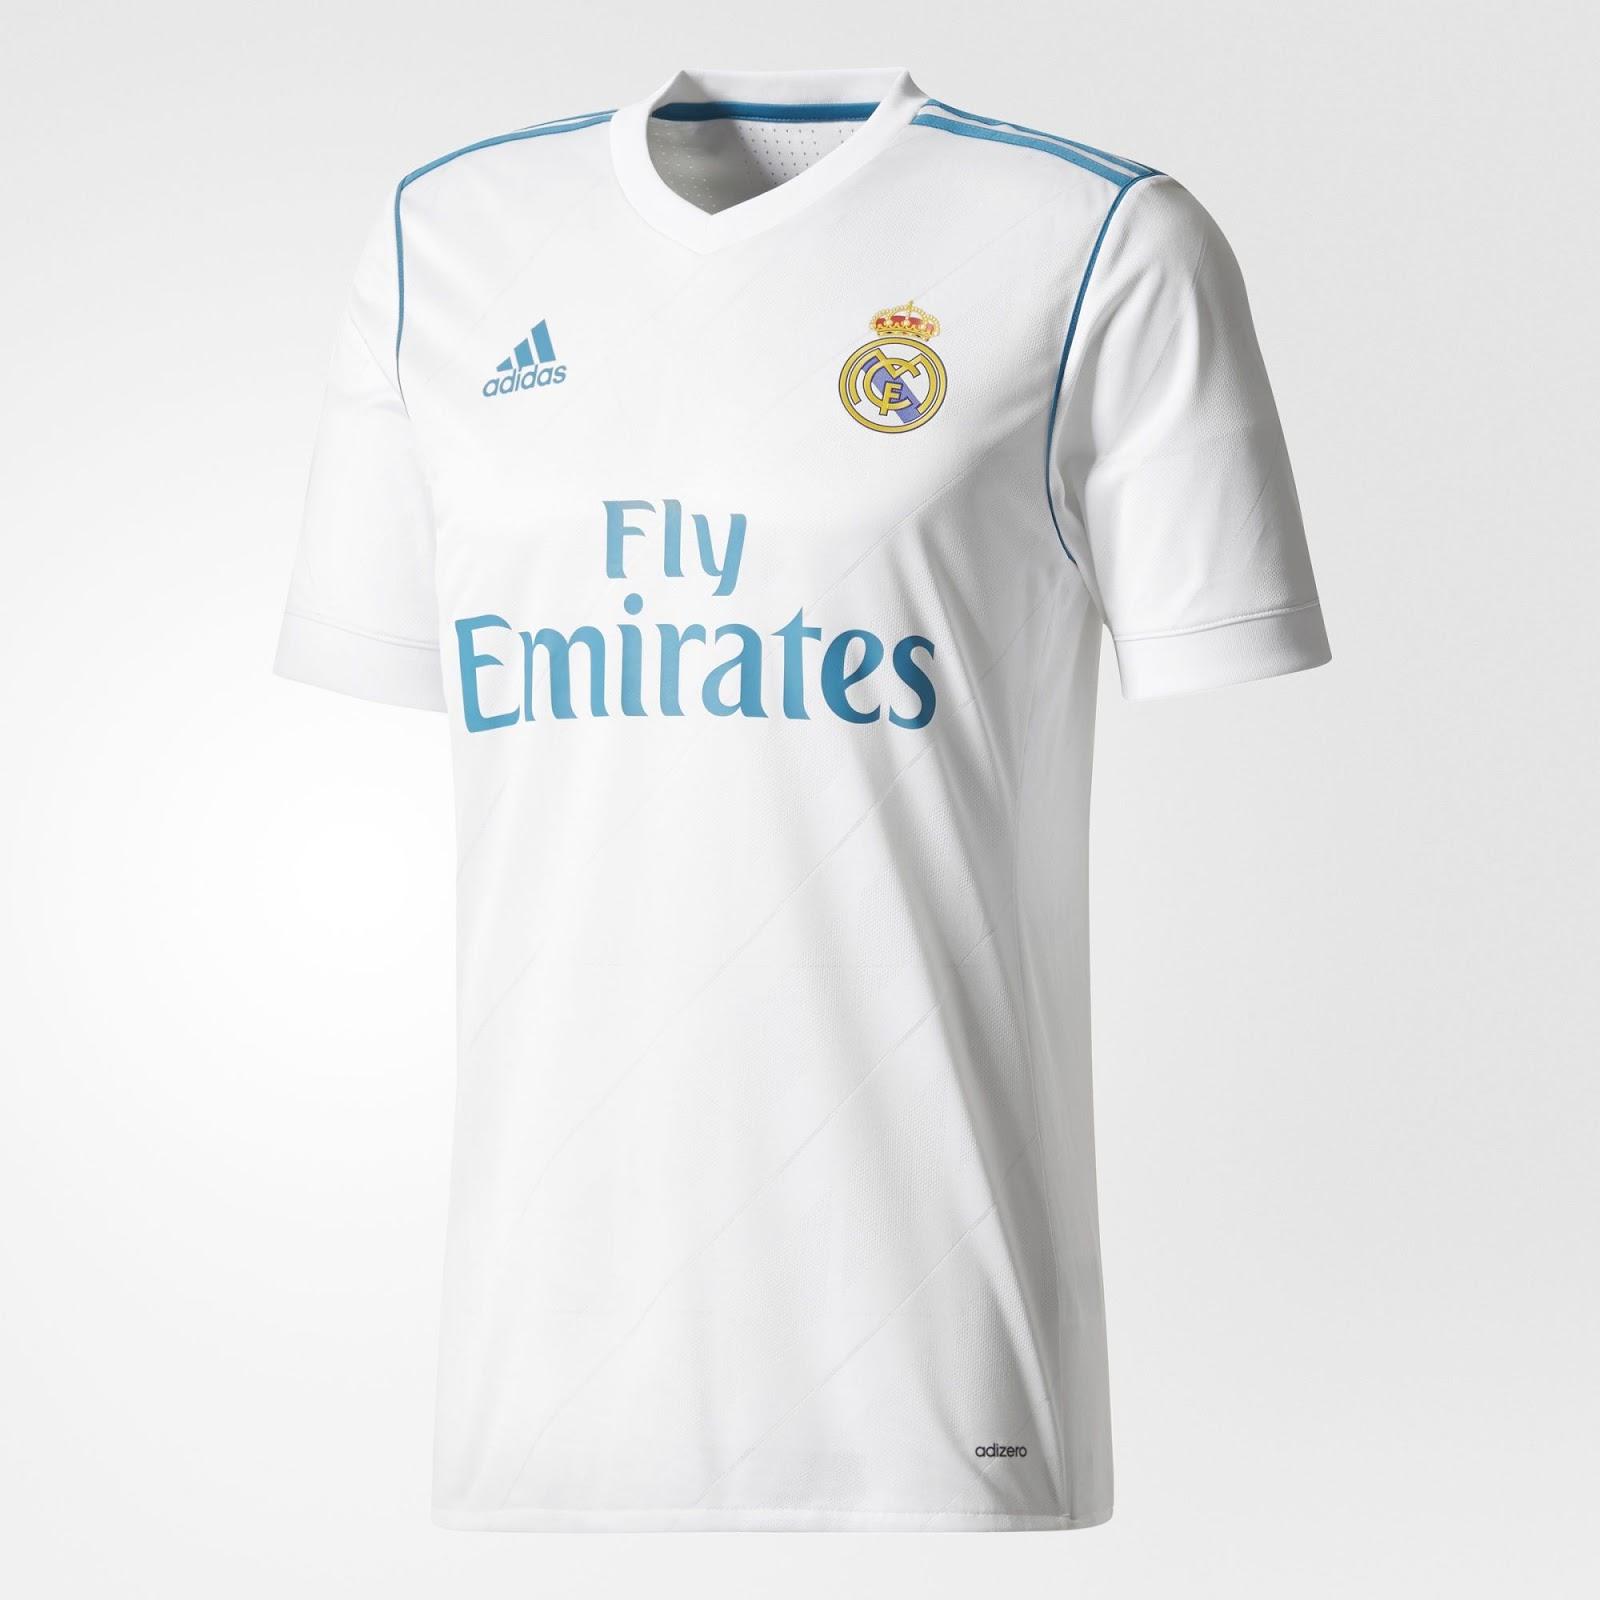 f09da5d2f Spodenki oraz getry także są w kolorze białym. Nowe stroje są już dostępne  do kupienia w sklepach Adidasa oraz Realu Madryt.